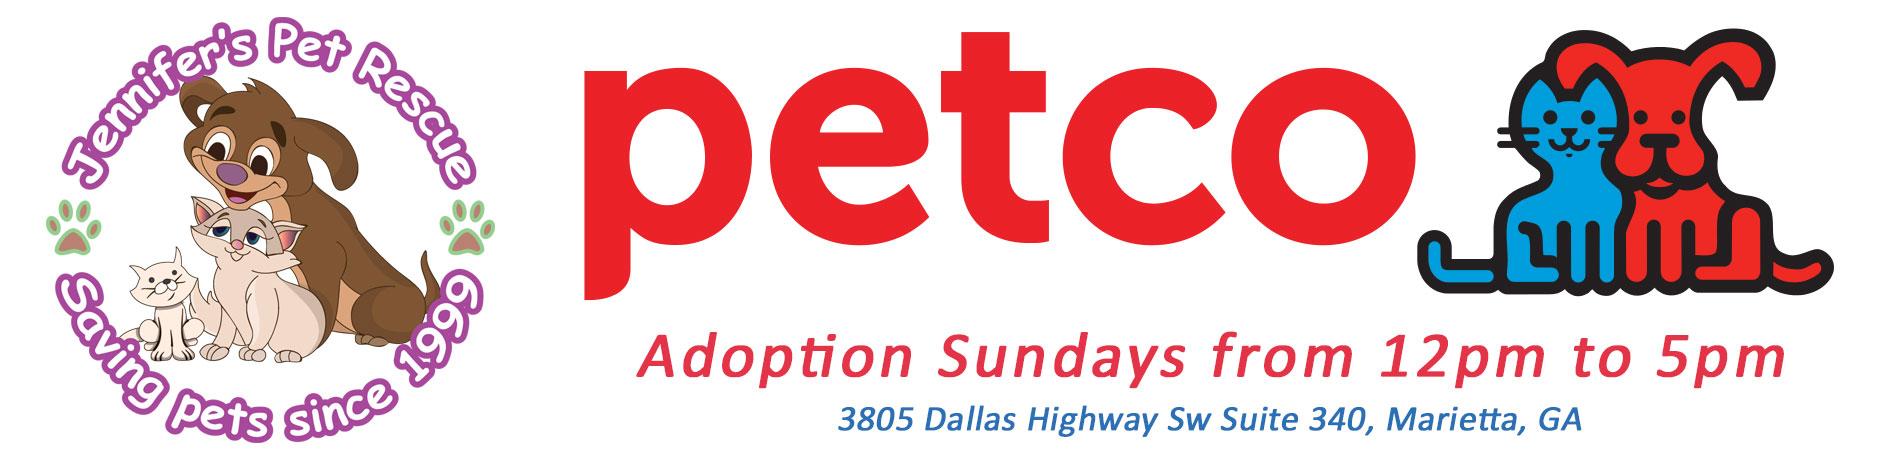 Petco Adoption Sunday